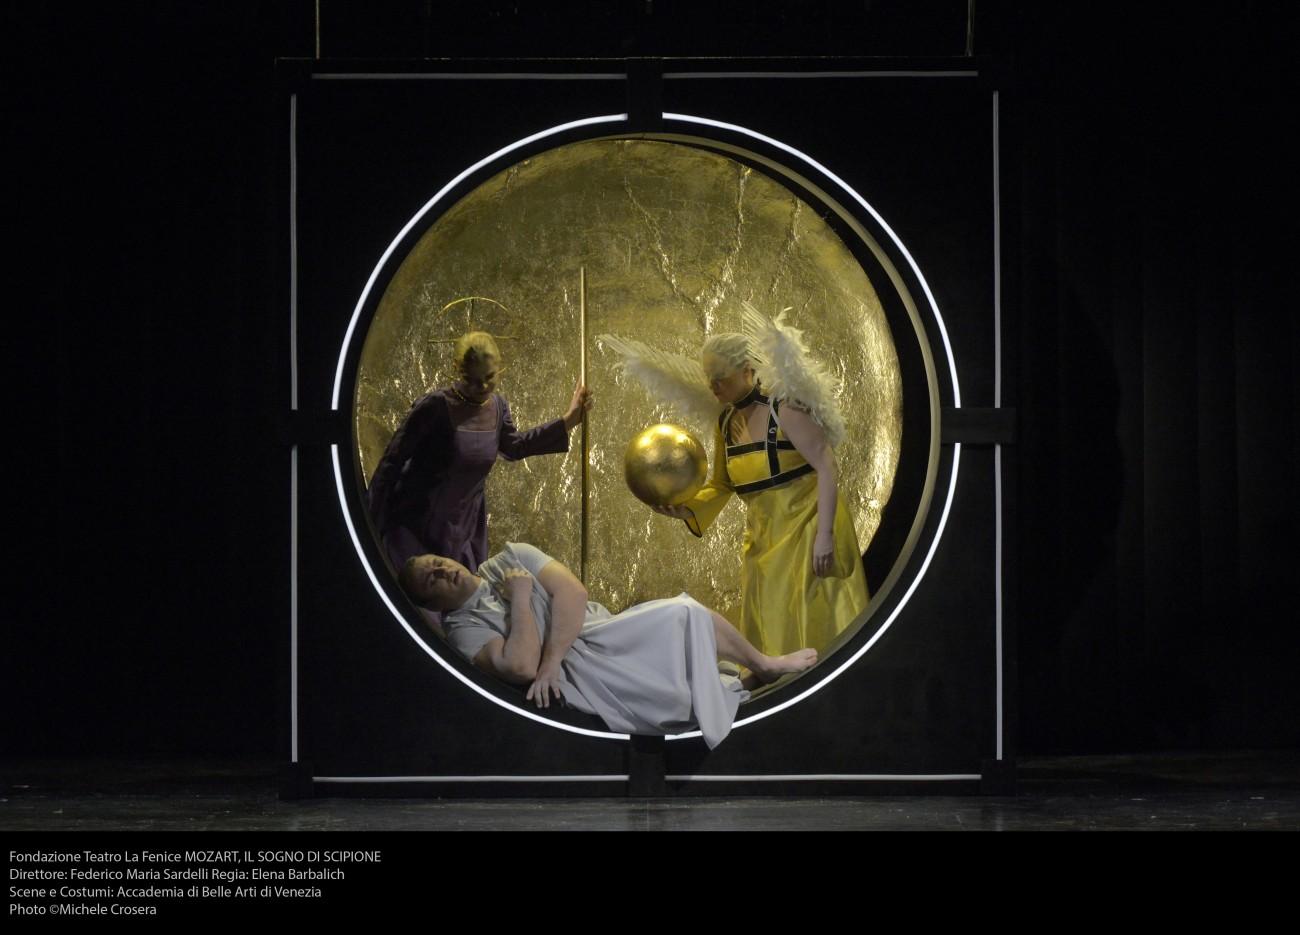 F. Boncompagni, G. V. Buzza, B. Bobro - foto @ Michele Crosera